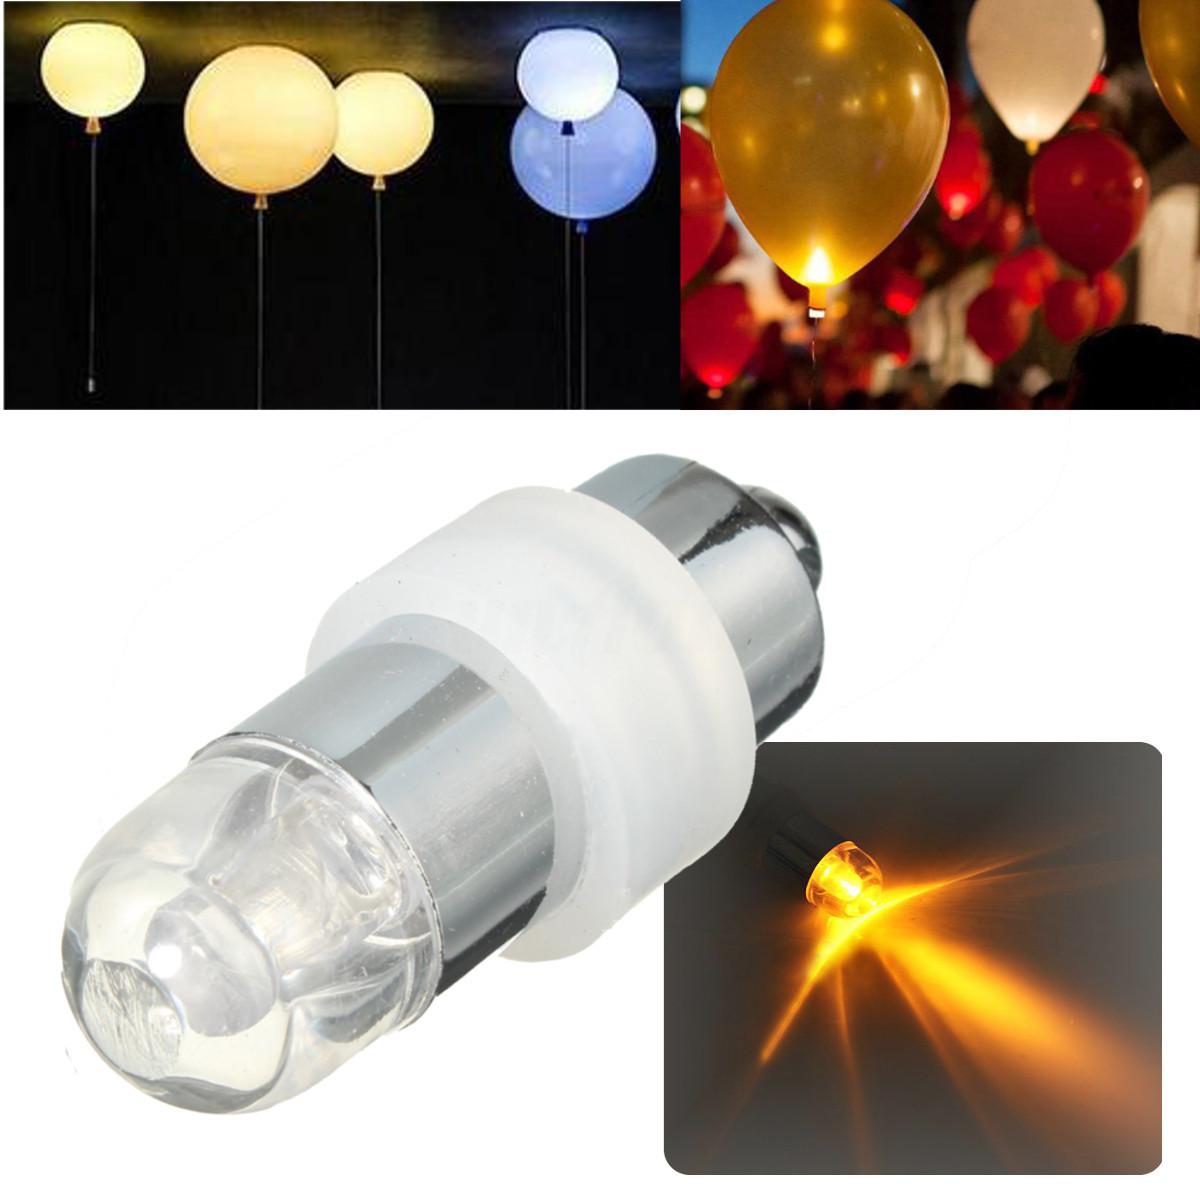 Etanche Lampe LED Ballon Ampoule Pour Décoration Mariage Anniversaire